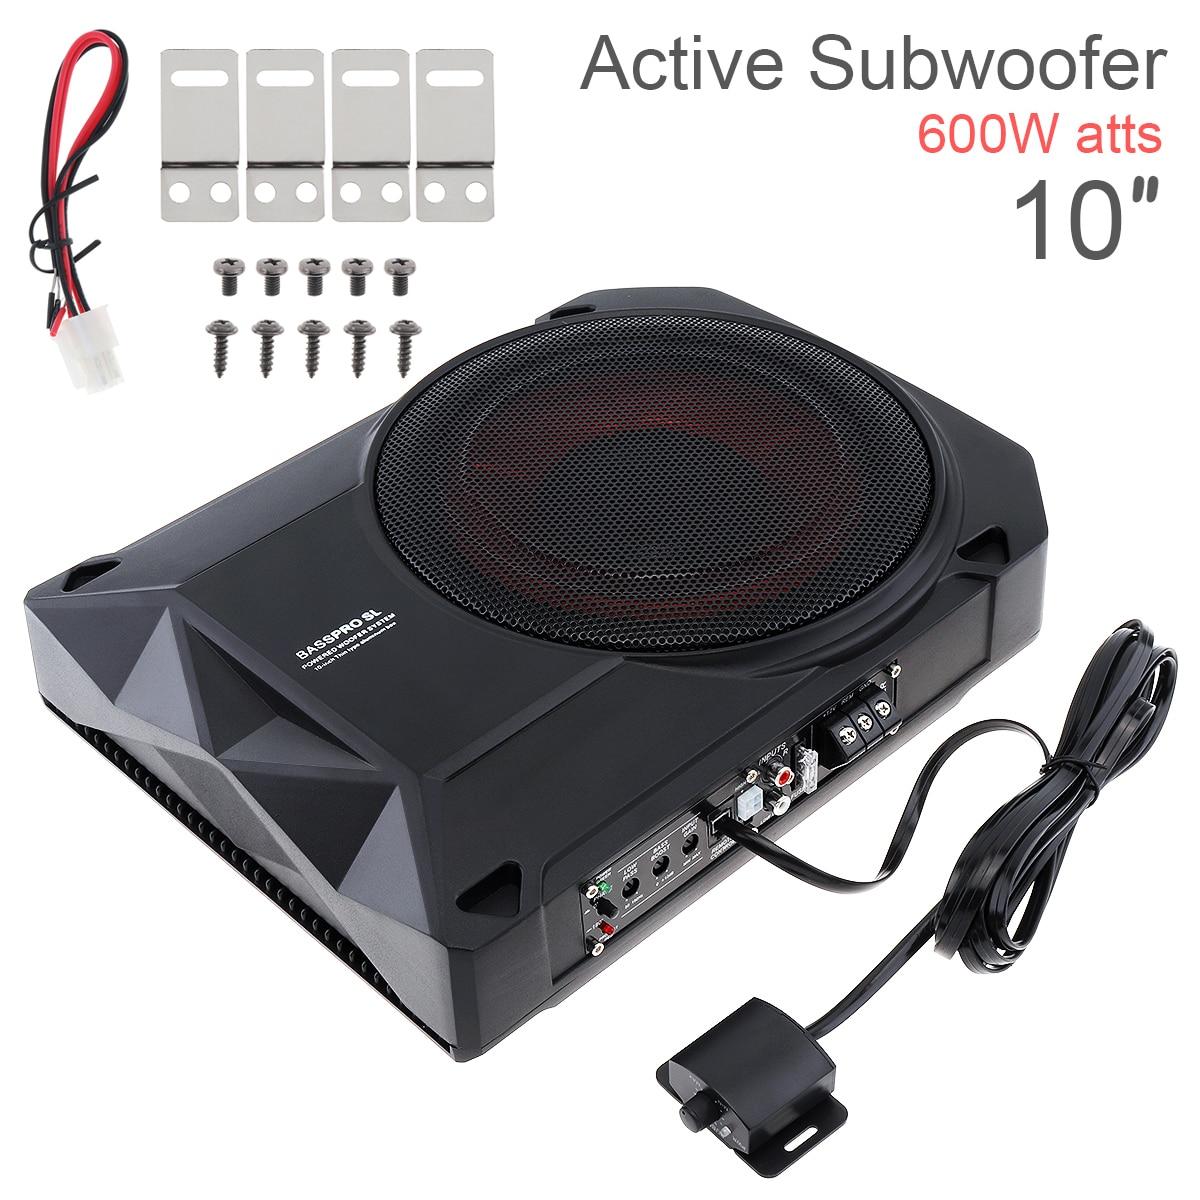 Haut-parleur universel de caisson de basses de voiture de 10 pouces 600W voiture mince sous le siège haut-parleur actif mince d'amplificateur de basse de Subwoofer avec l'entrée de RCA